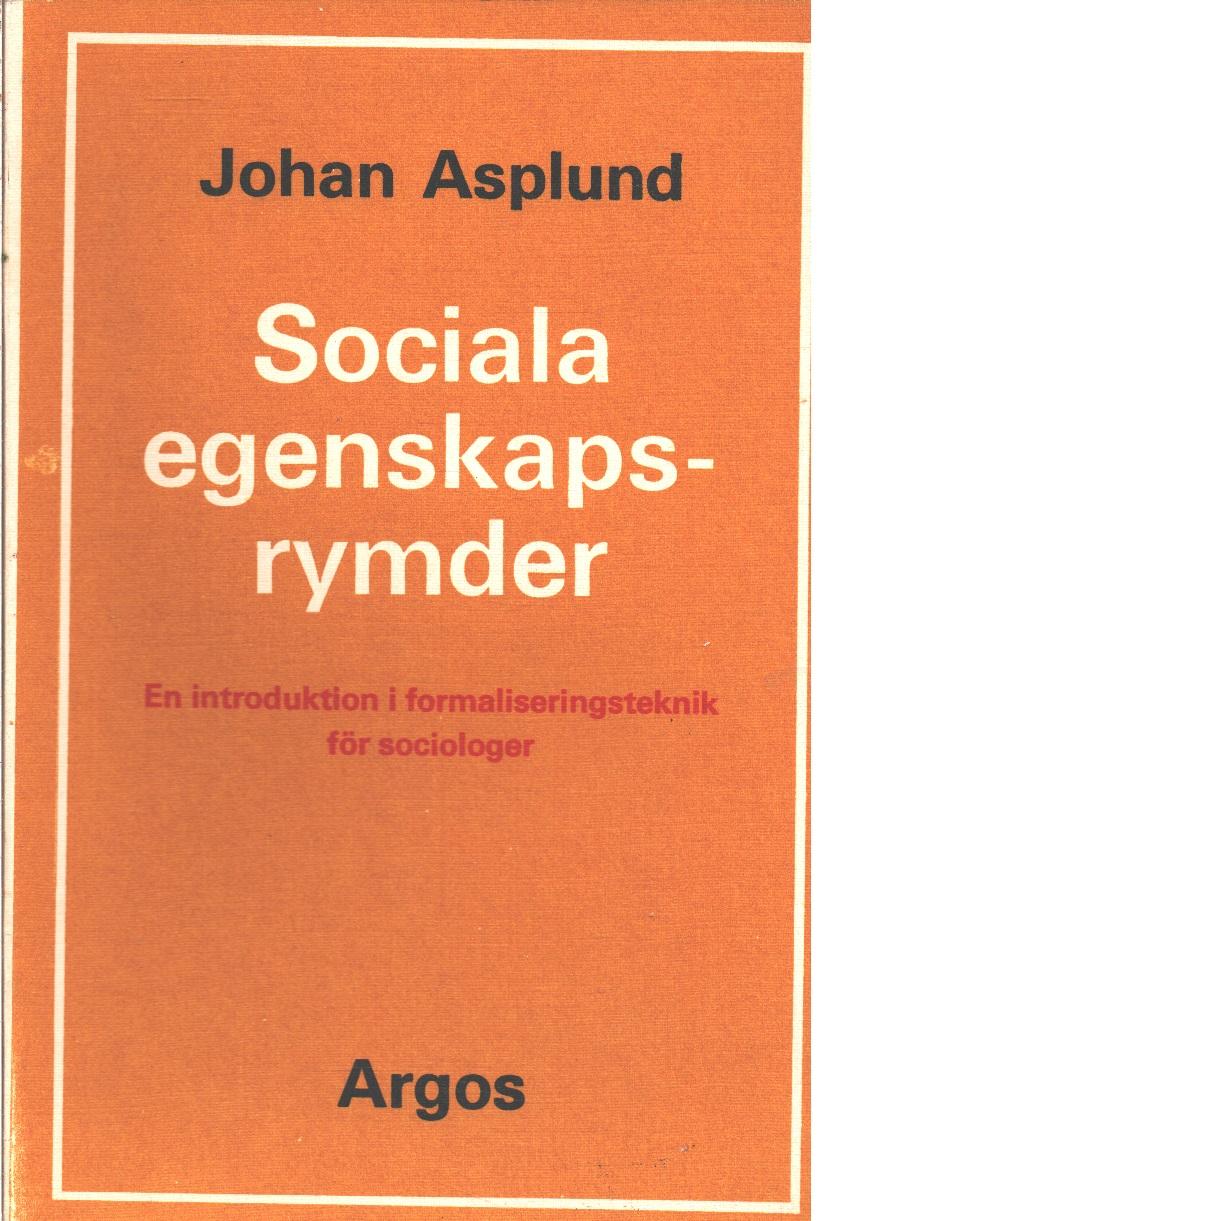 Sociala egenskapsrymder : en introduktion i formaliseringsteknik för sociologer /  - Asplund, Johan